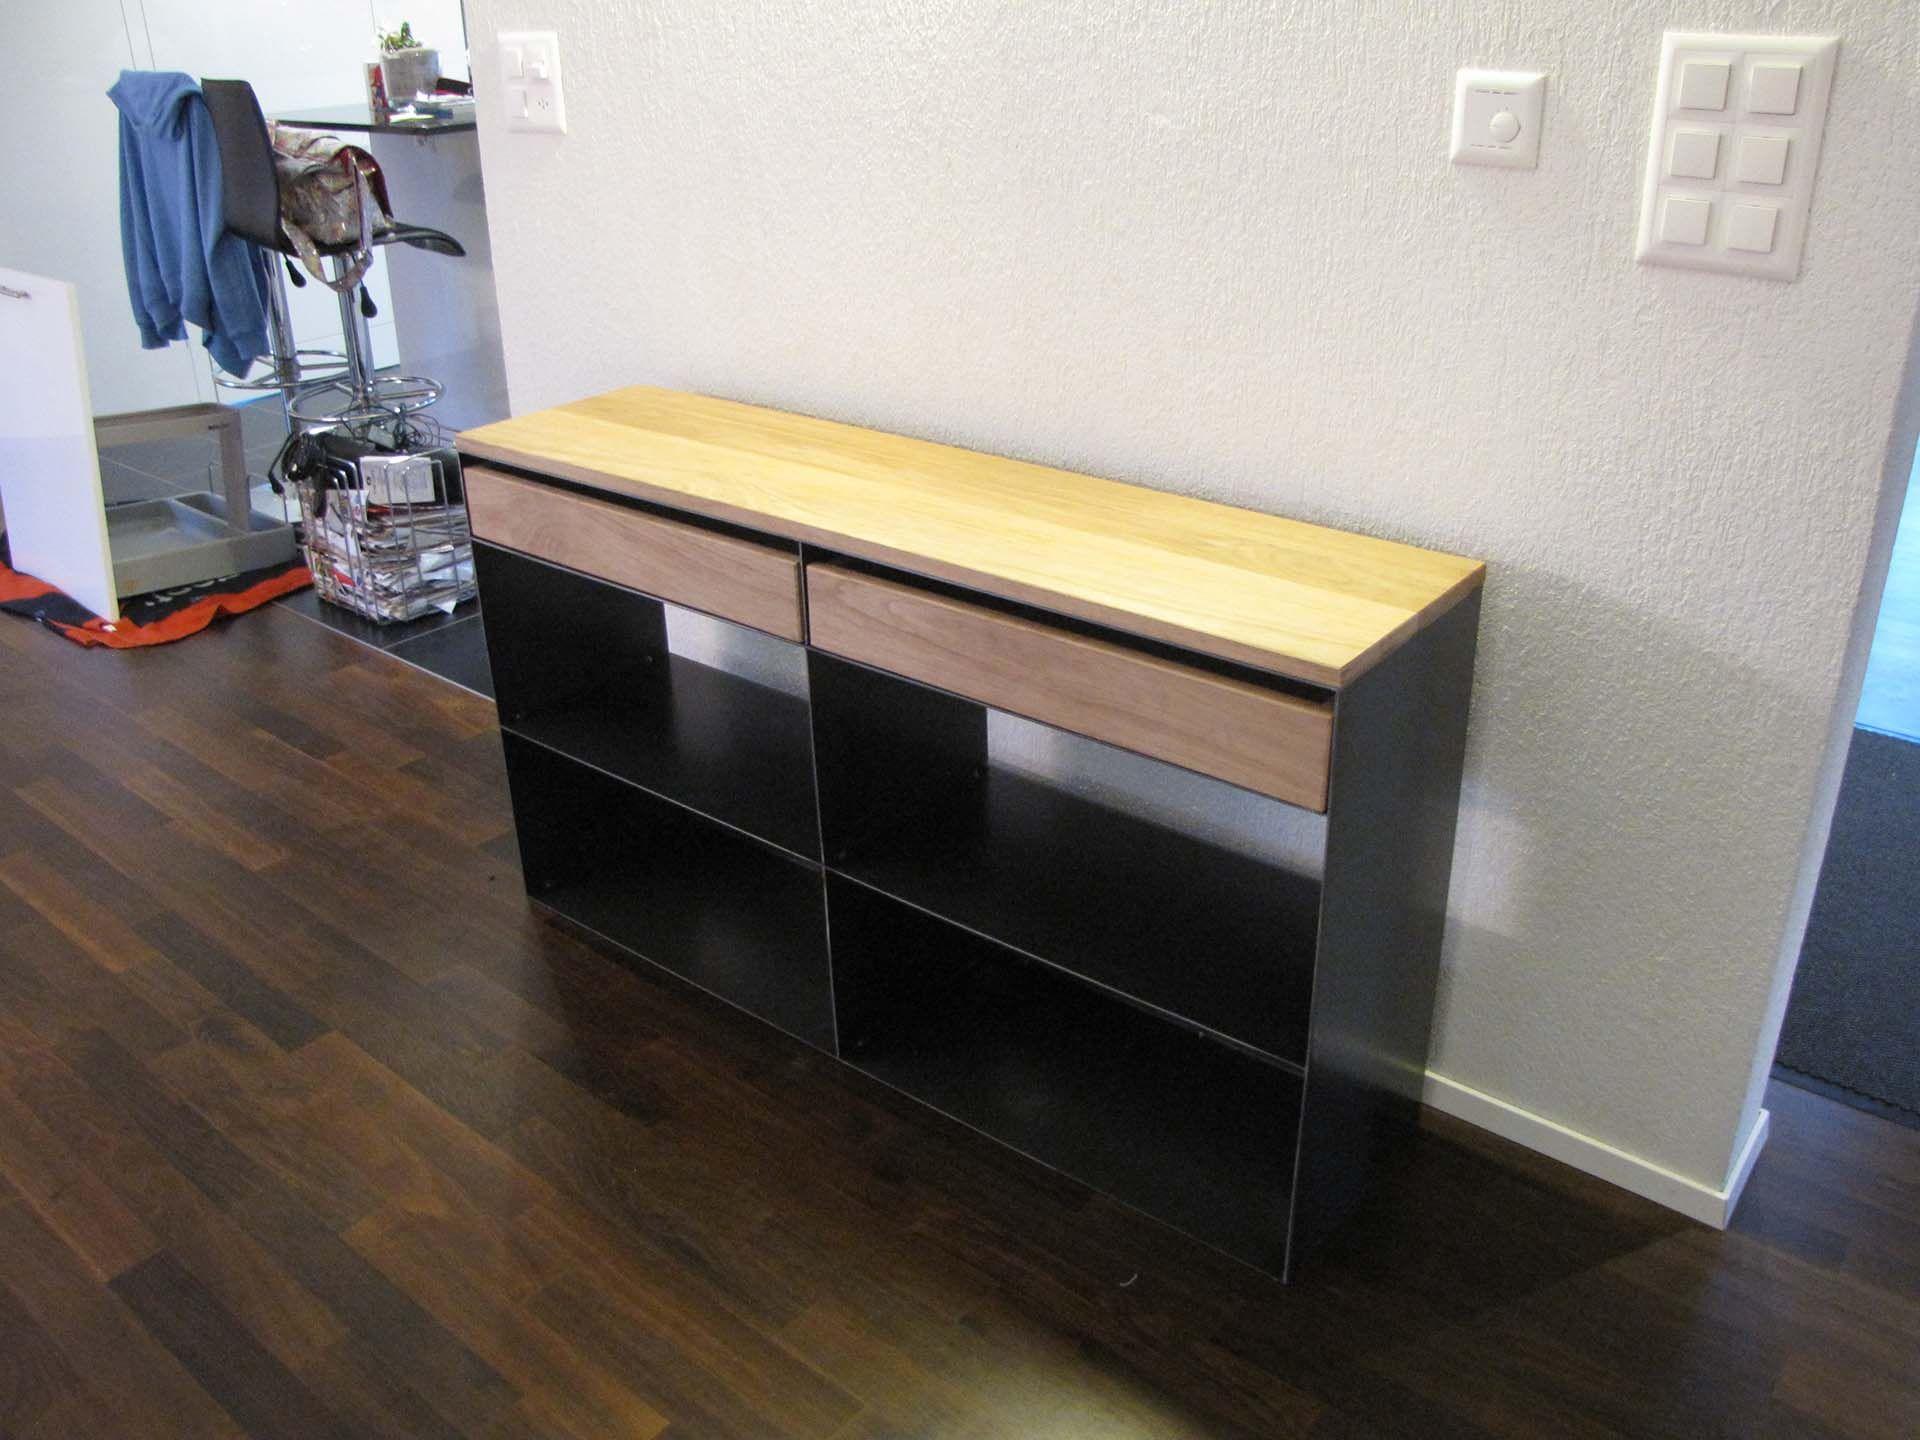 design metallmoebel kaminholz sideboard brennholz. Black Bedroom Furniture Sets. Home Design Ideas